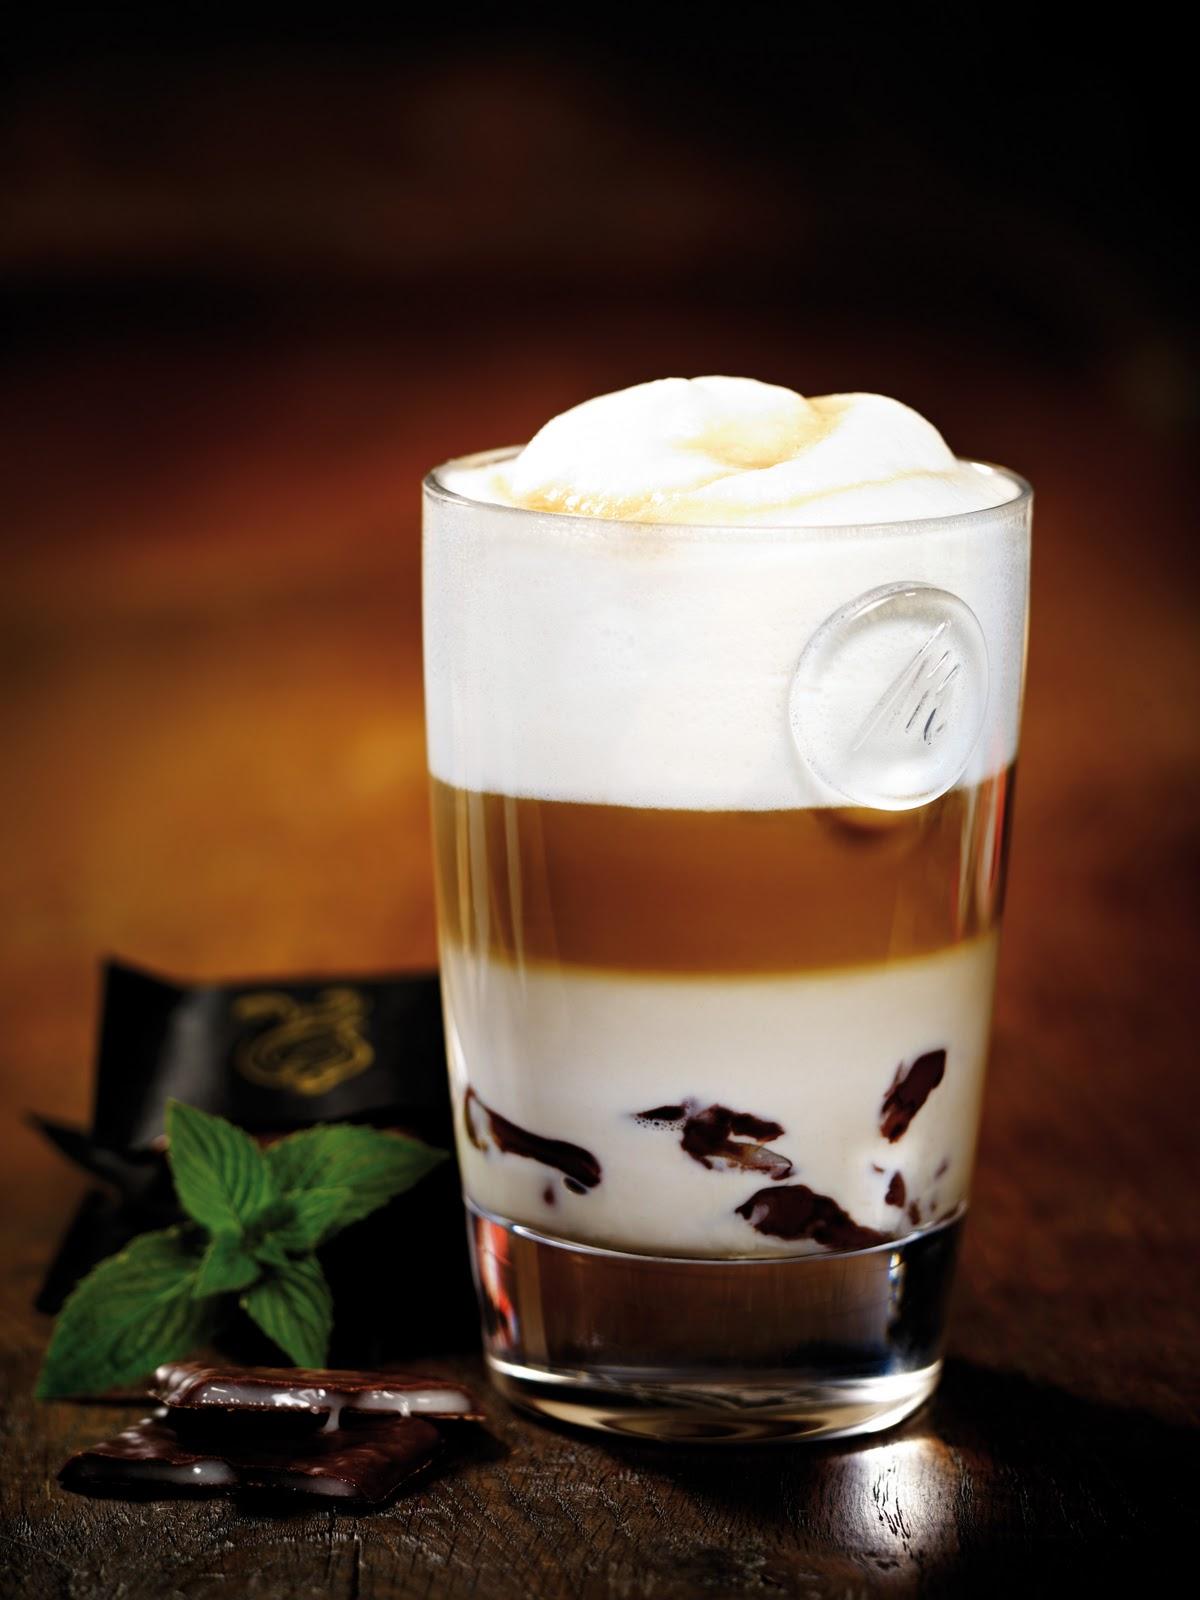 Латте, Рецепт латте, рецепт капучино, рецепты кофе, кофе, кофейные зерна, кофейное дерево, сорта кофе, виды кофе, латте, капучино, эспрессо, макиато, американо, рецепт приготовления кофе, приготовление кофе, варить кофе.